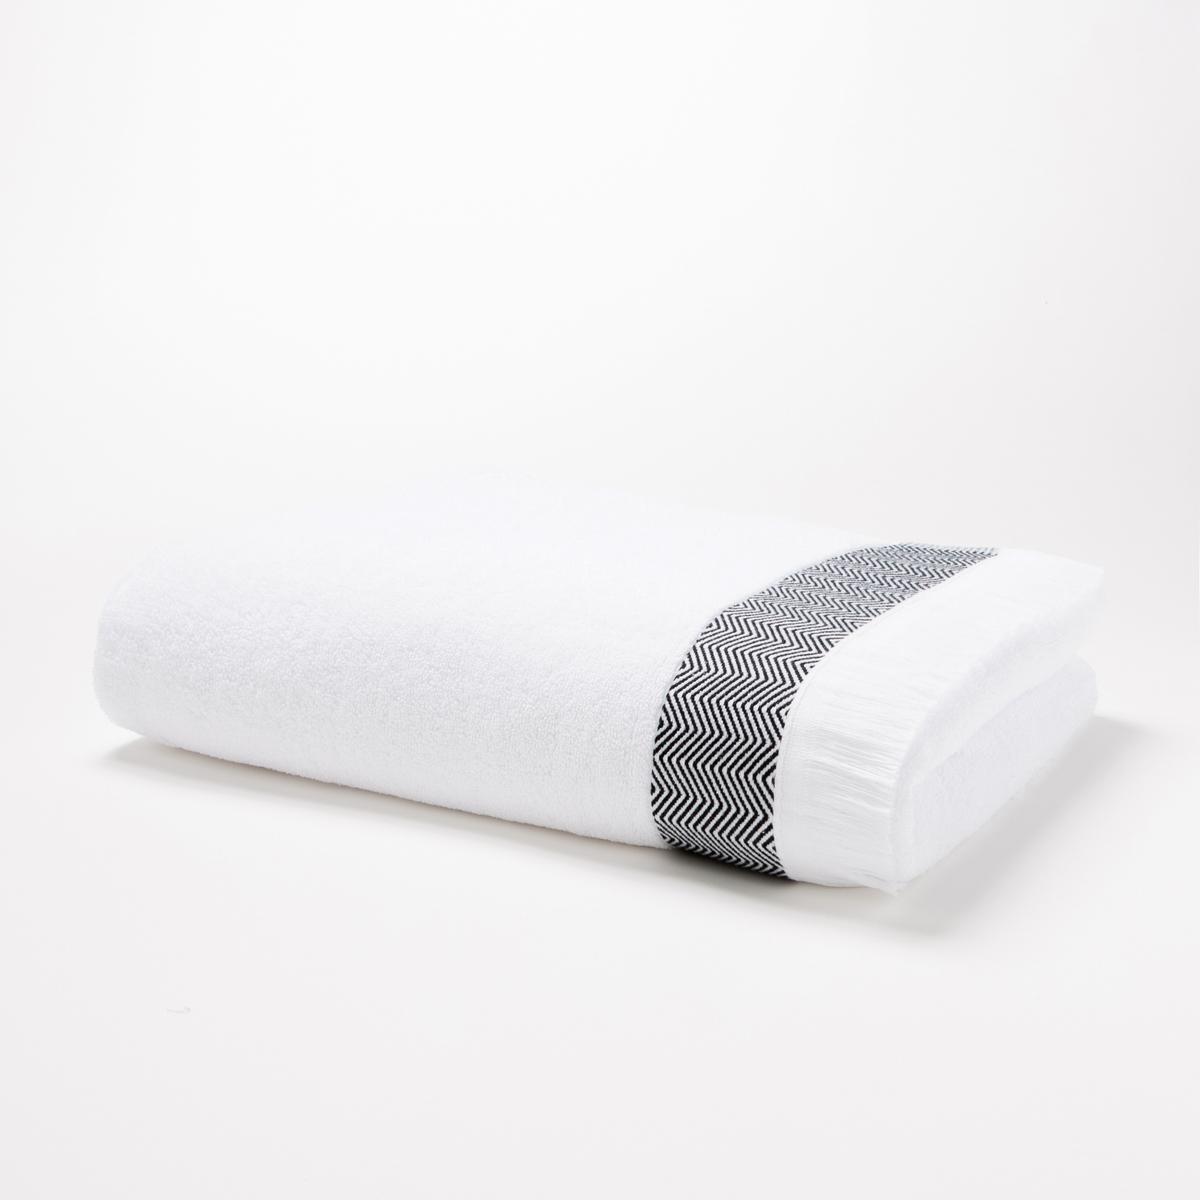 Полотенце махровое 500 г/м? - FringesХарактеристики махрового полотенца - Fringes  :Ткань букле, 100% хлопокОтделка бахромой, края с зигзагообразным орнаментомМашинная стирка при 60 °СРазмеры махрового полотенца - Fringes   : 50 x 100 смМодель синего цвета представлена на сайте laredoute.<br><br>Цвет: белый<br>Размер: 50 x 100  см